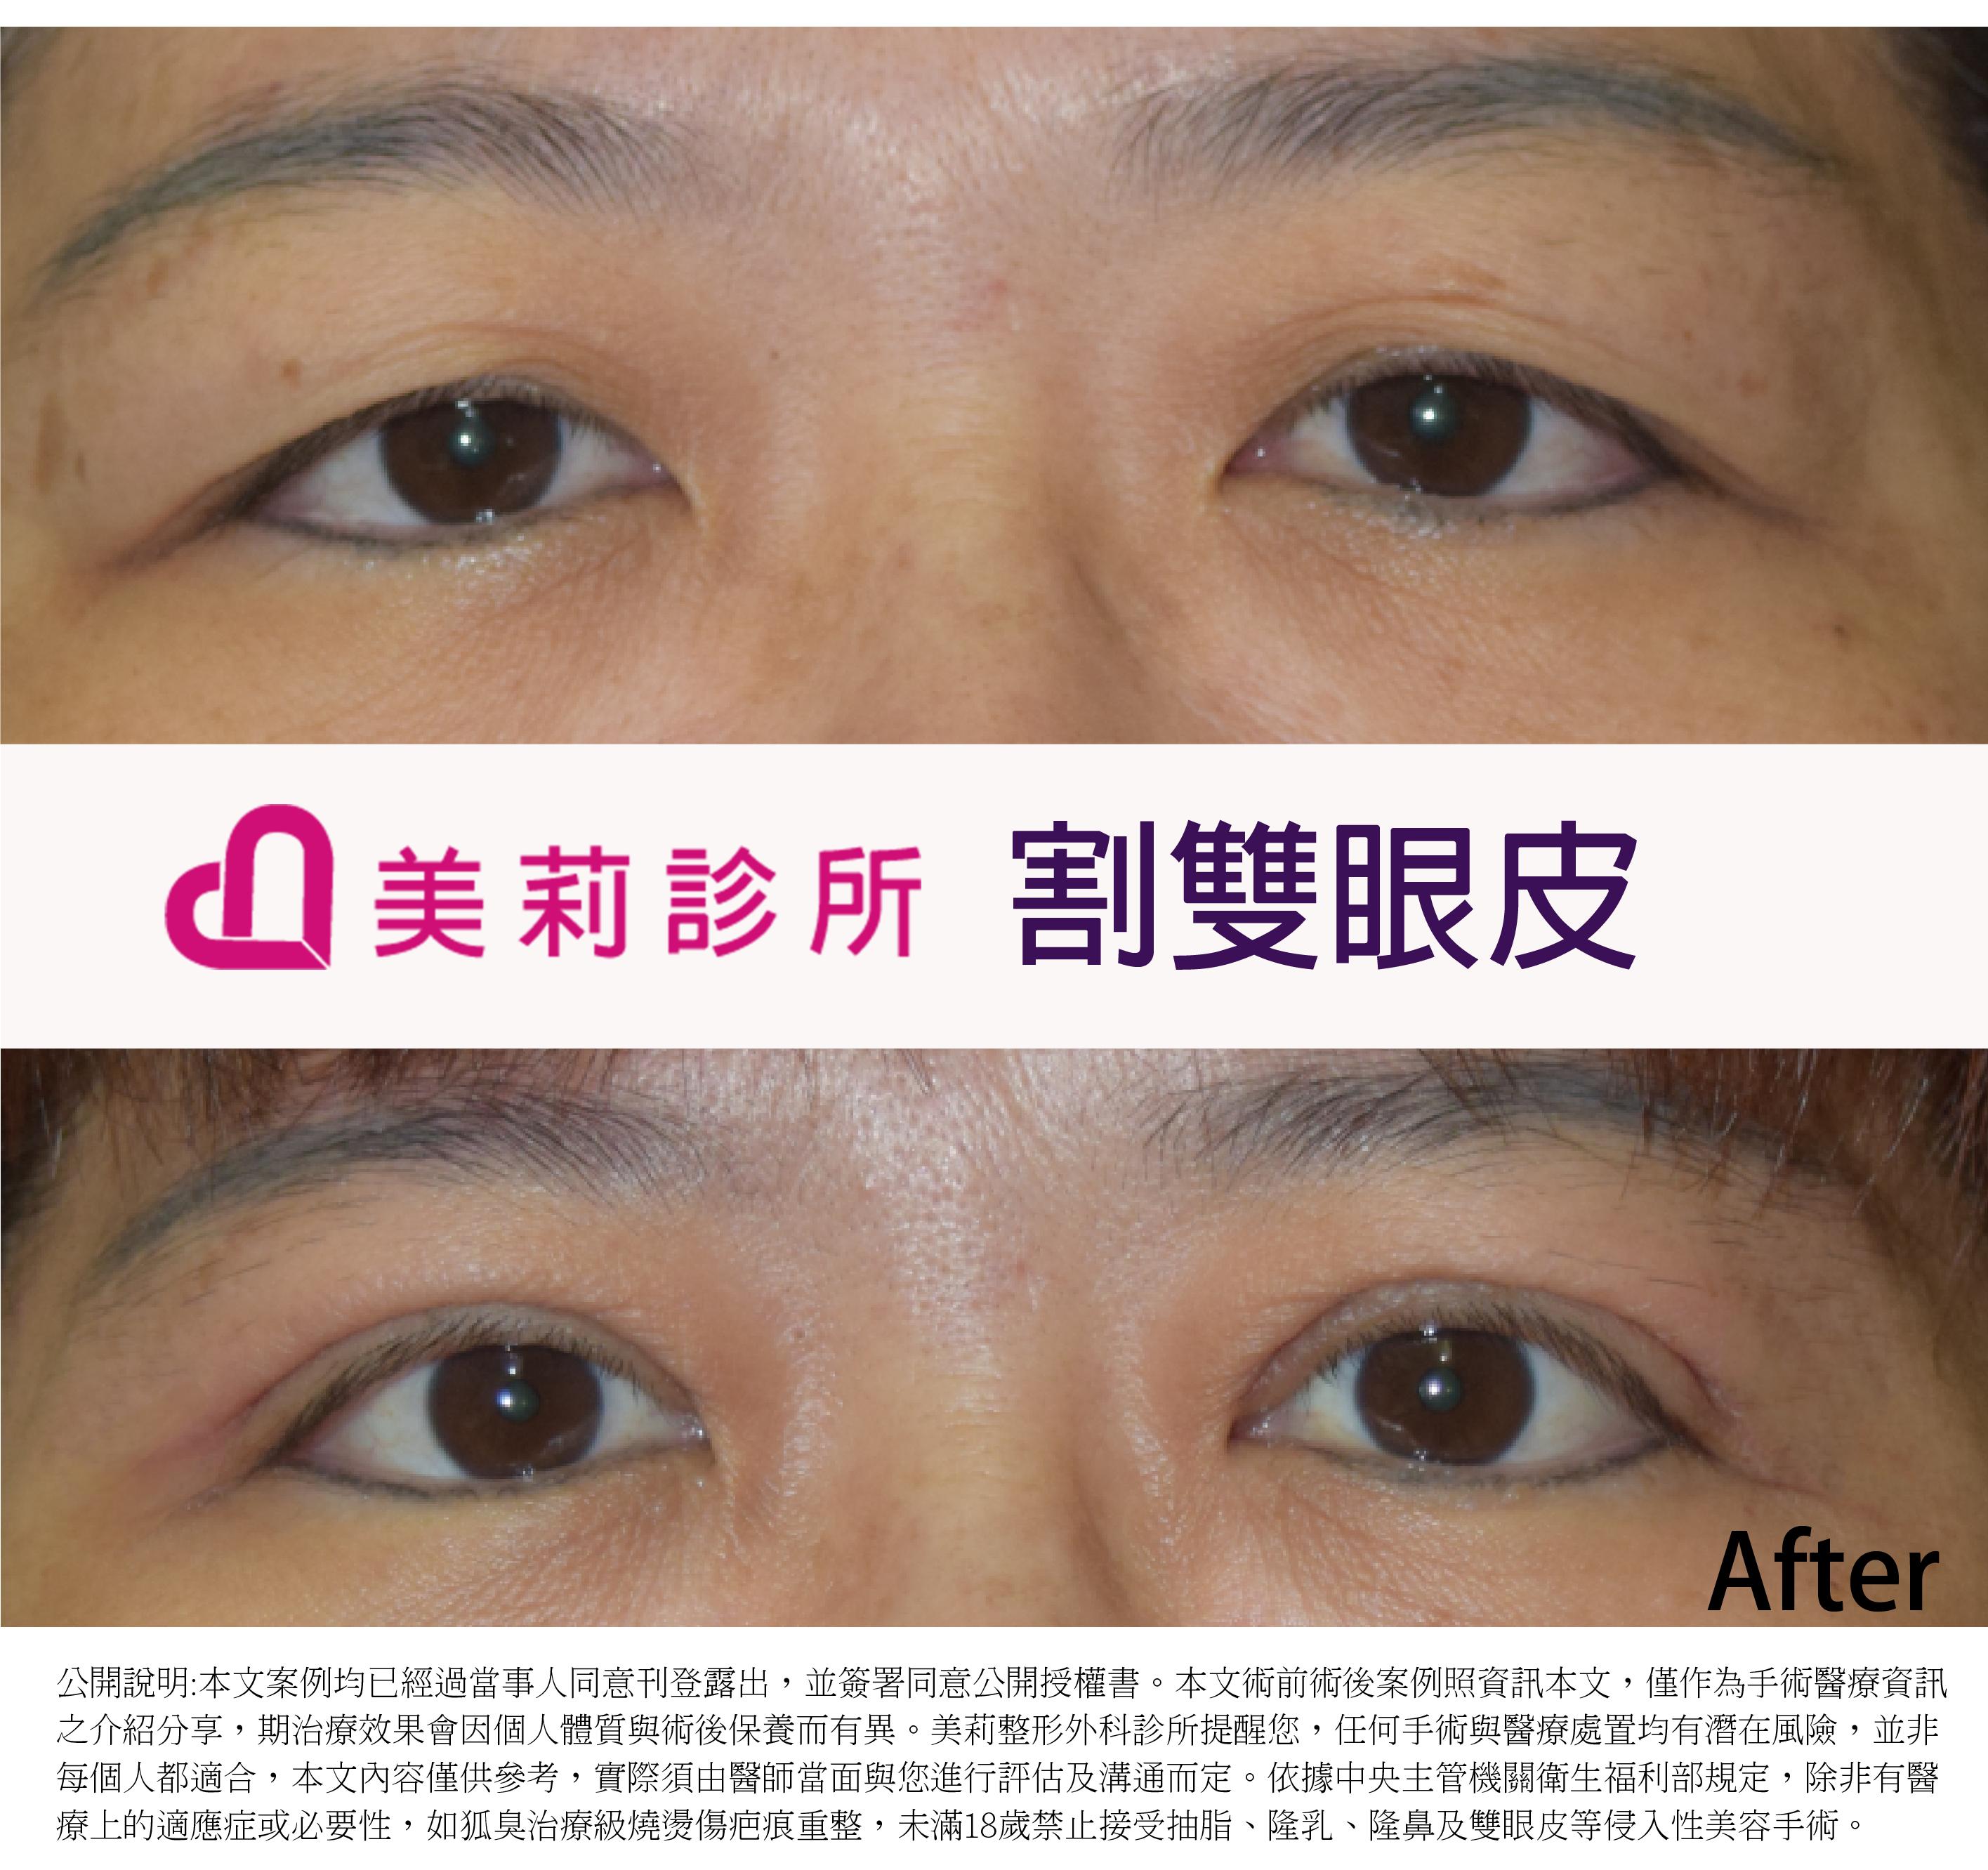 縫雙眼皮案例,羅仁傑雙眼皮,高雄醫美,高雄雙眼皮推薦,高雄割雙眼皮價格,高雄縫雙眼皮案例,縫雙眼皮腫脹,雙眼皮失敗,雙眼皮膠,雙眼皮貼